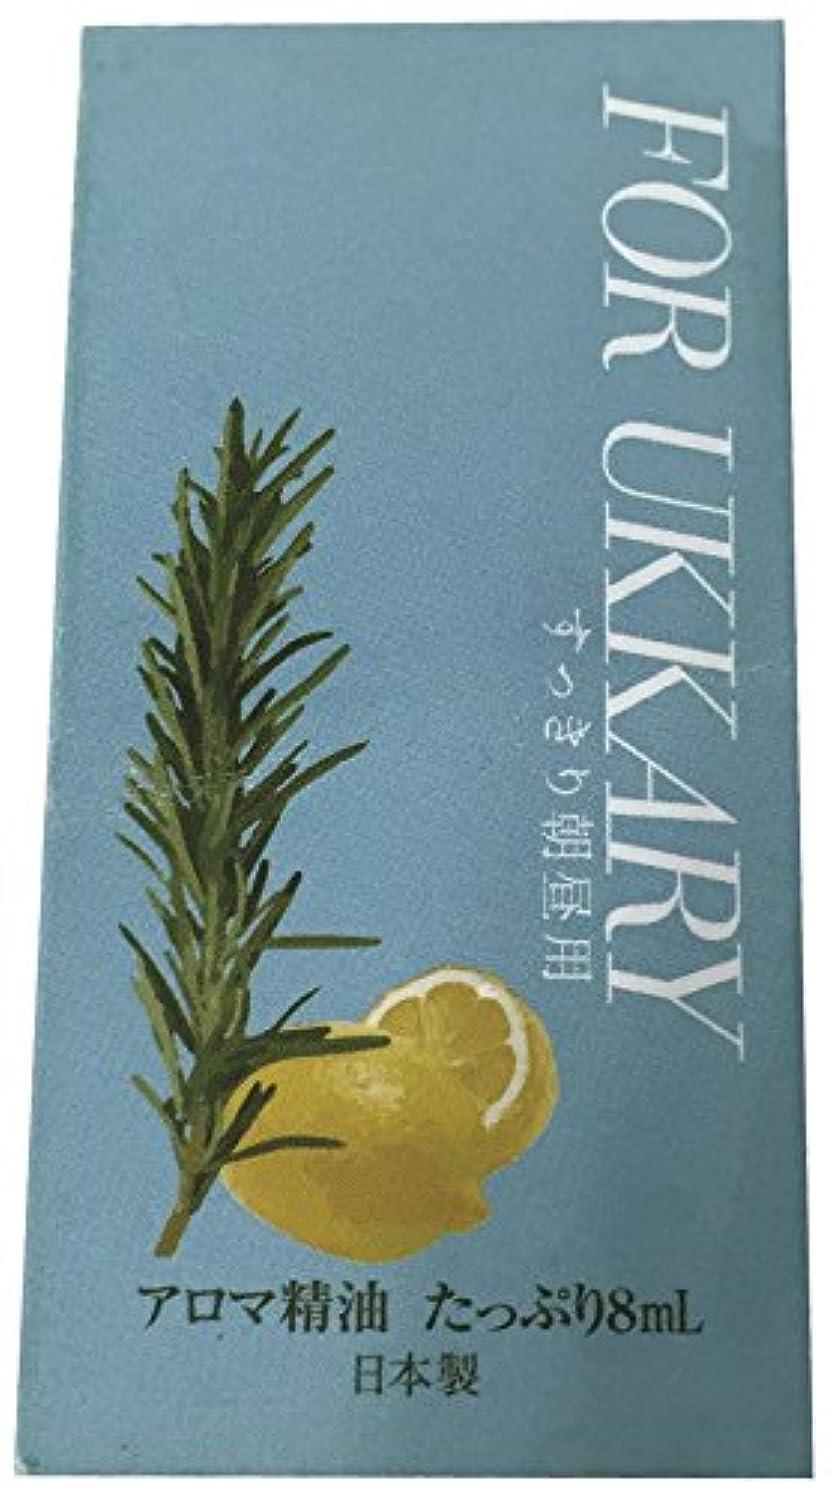 多様なさらに特異なFOR UKKARY 朝昼用(ローズマリー&レモン) 8ml アロマ精油 エッセンシャルオイル 日本製